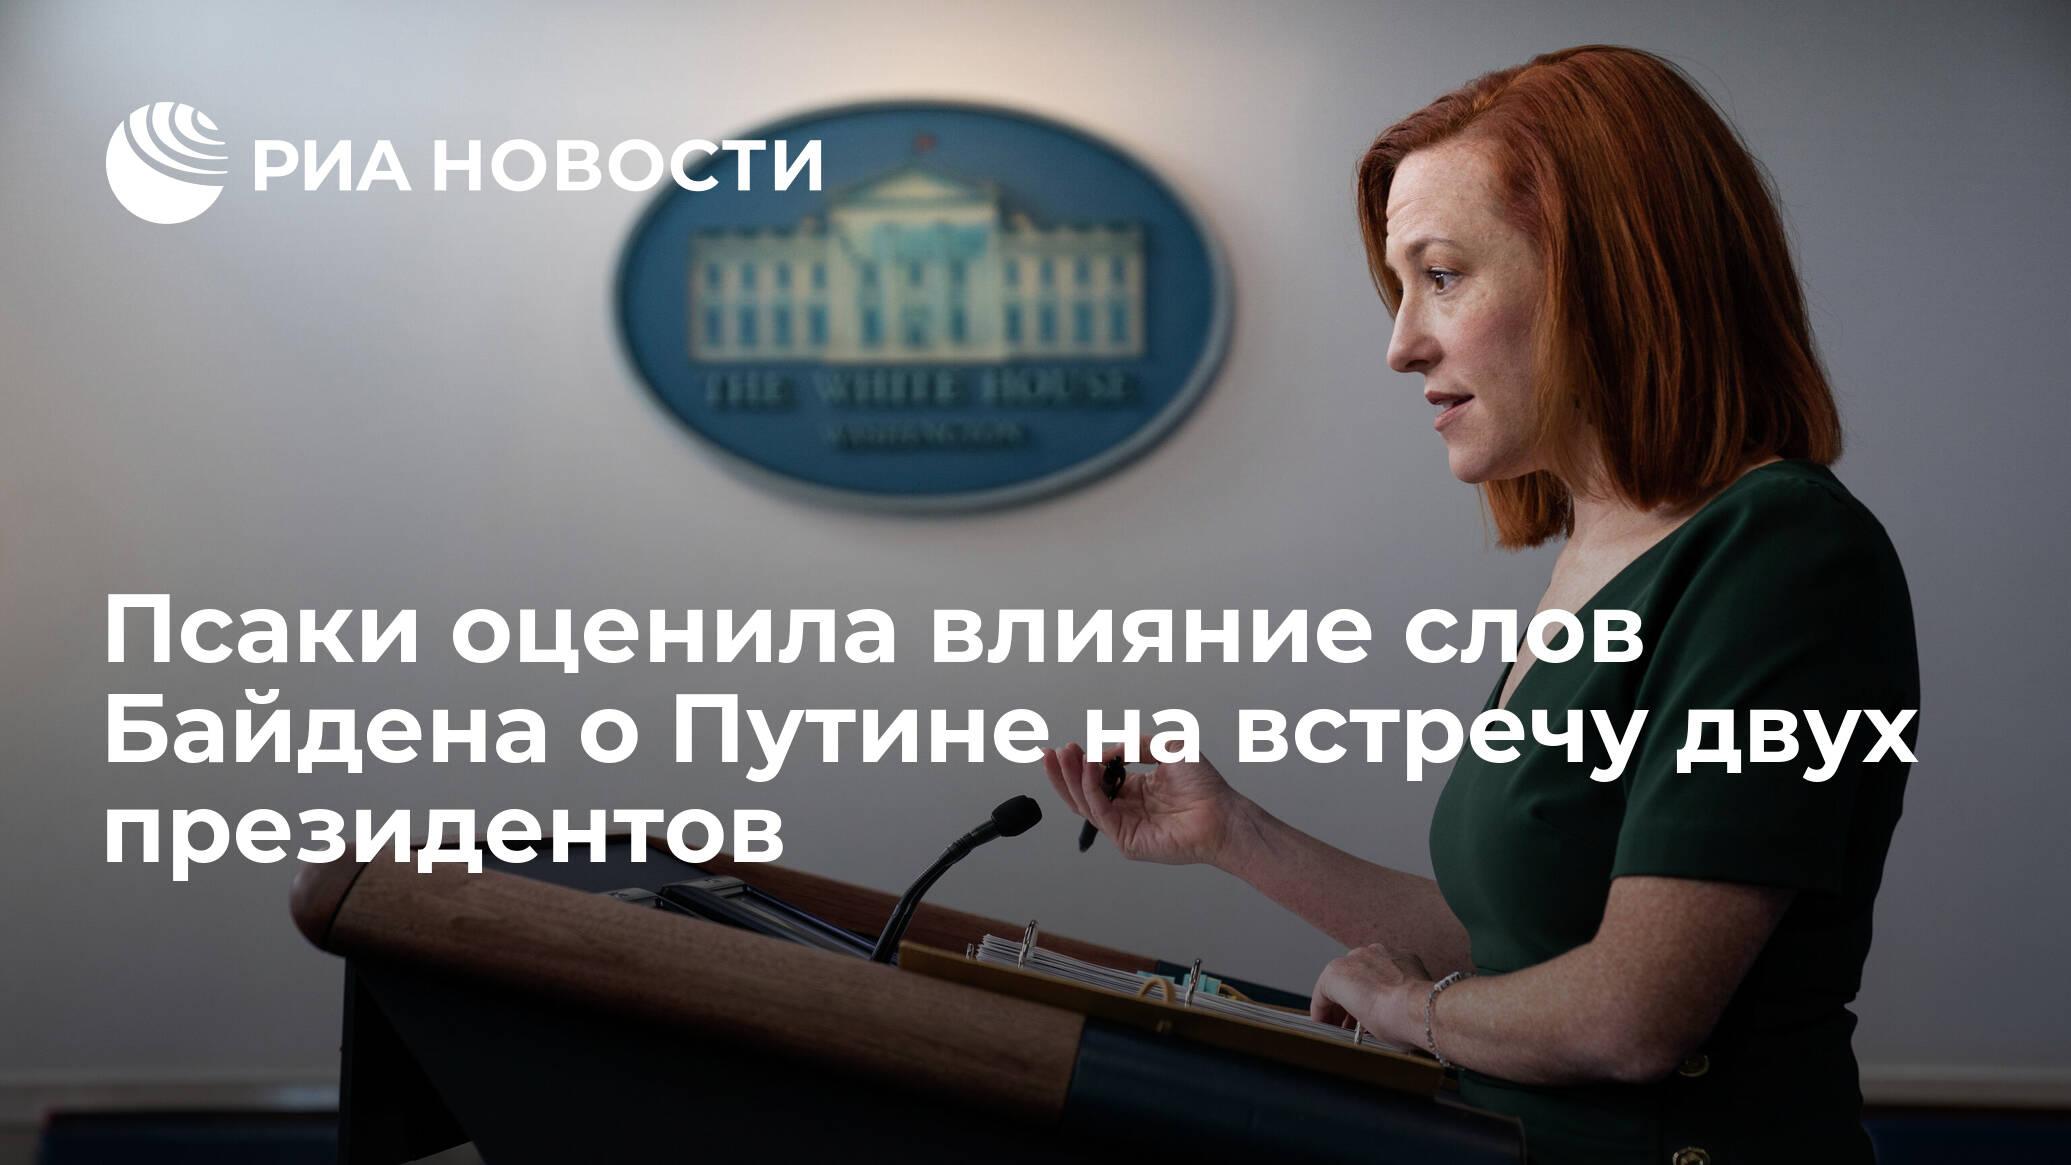 Псаки оценила, как слова Байдена о Путине могут повлиять на встречу с ним